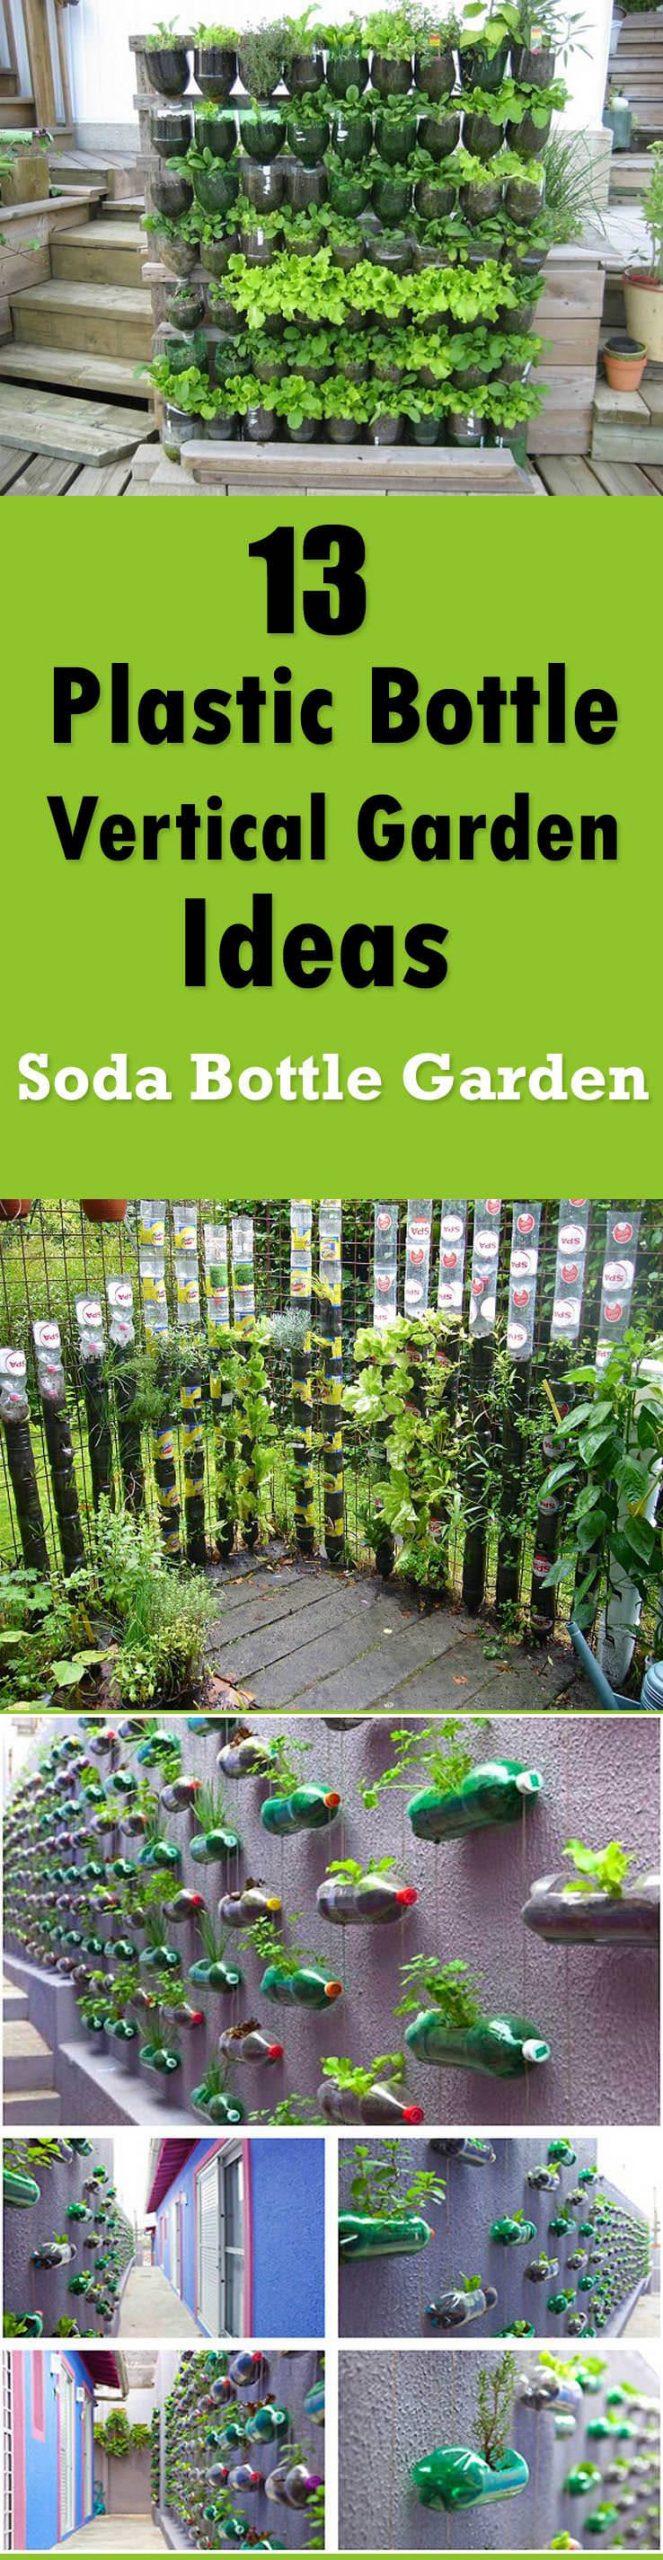 Simphome.com 13 plastic bottle vertical garden ideas soda bottle garden inside 10 recycle ideas for garden incredible as well as attractive